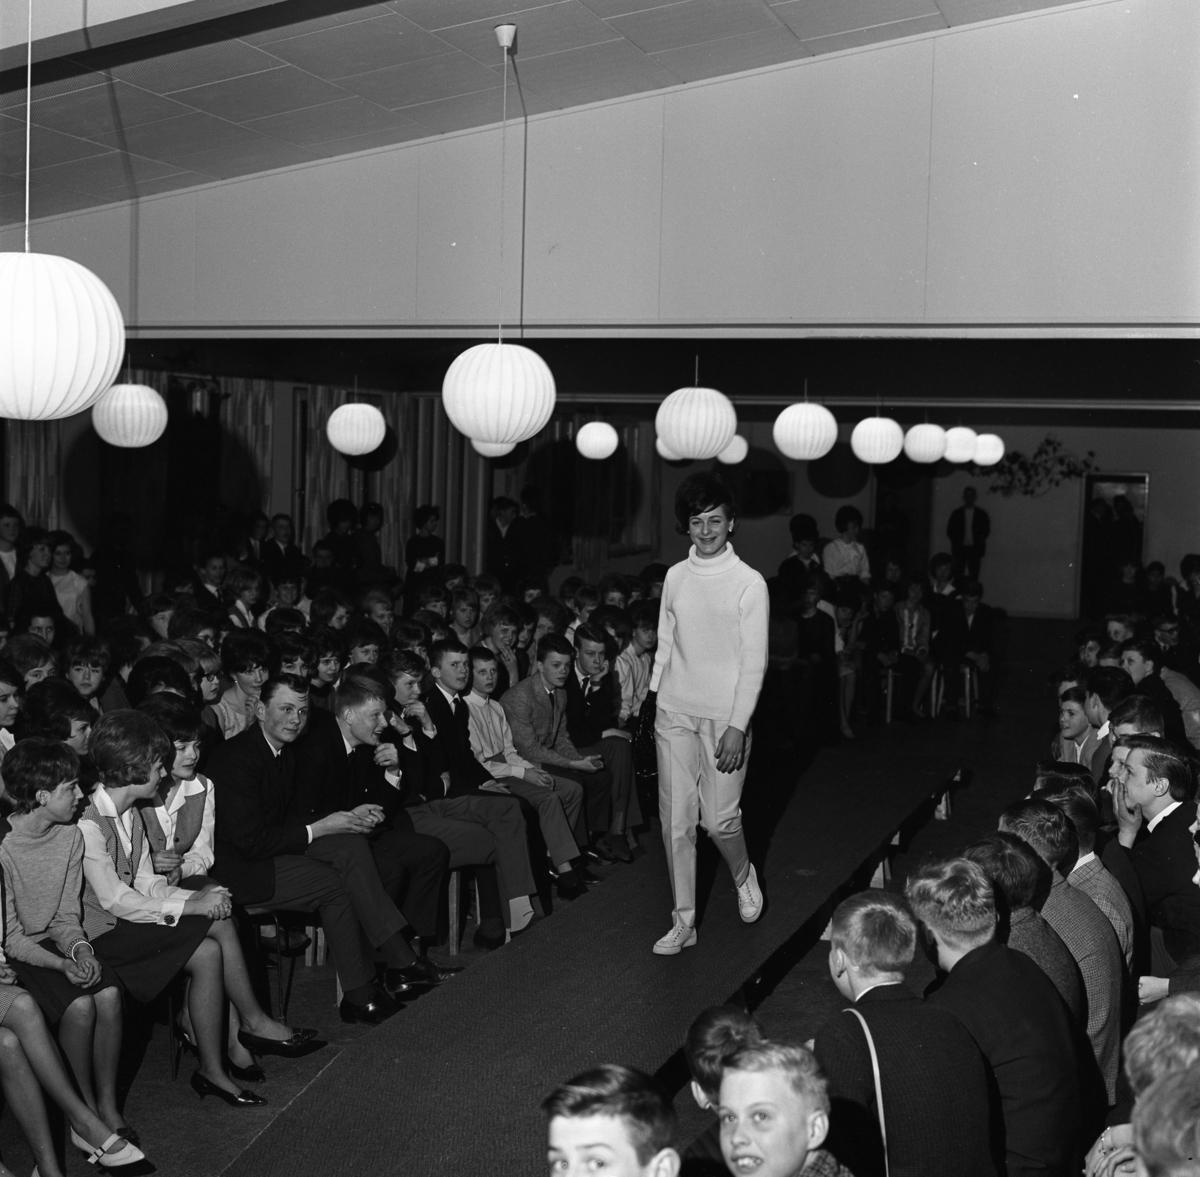 Ungdomsträff med modevisning. En ung kvinna visar polojumper och långbyxor. Ungdomarna sitter vid sidan och ser på.